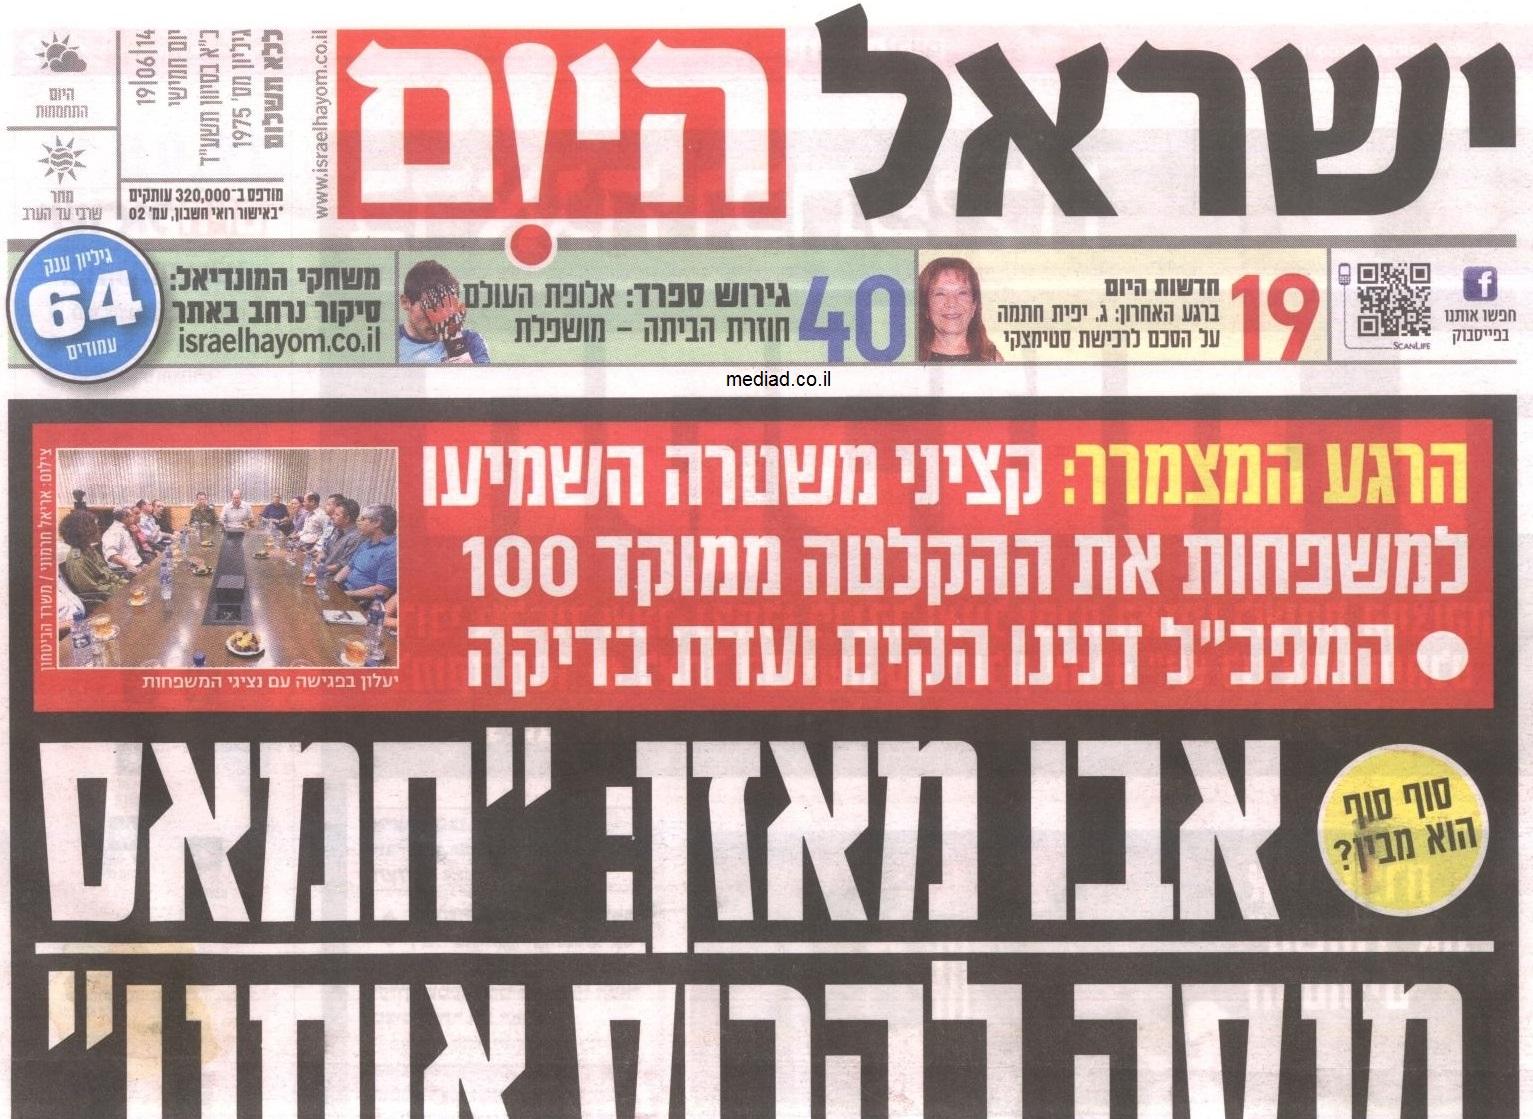 ישראל היום פרסום